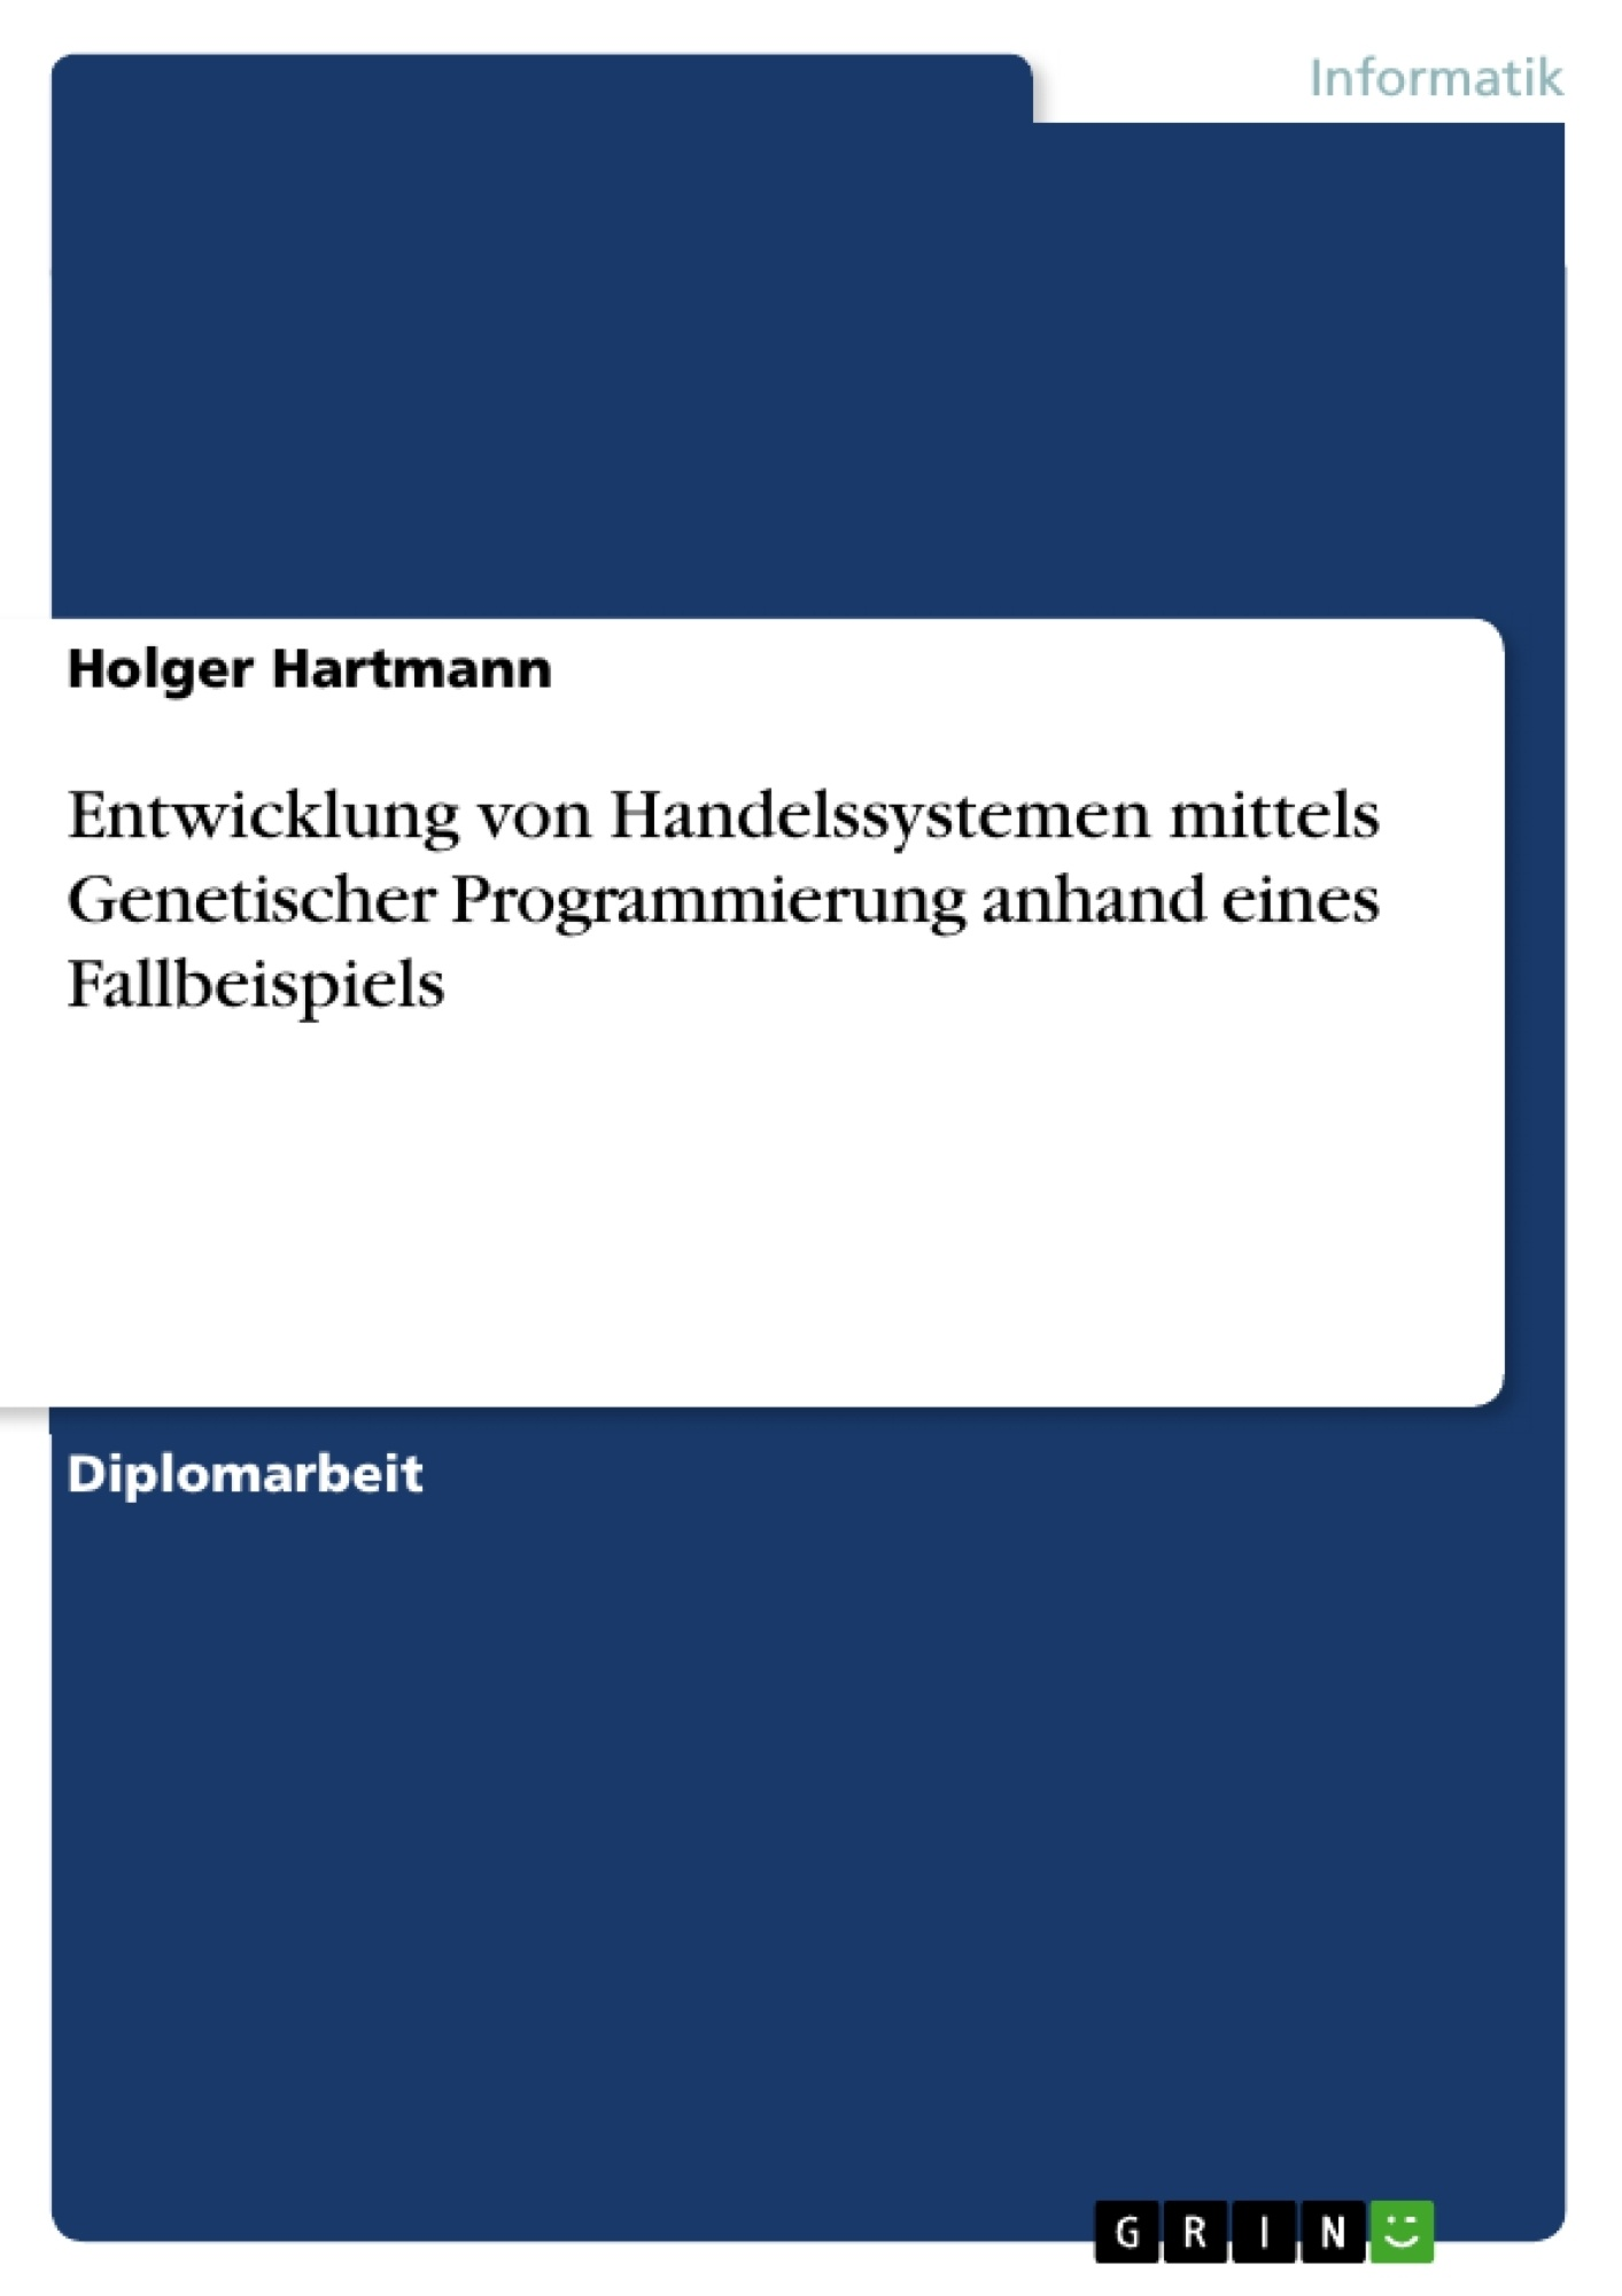 Titel: Entwicklung von Handelssystemen mittels Genetischer Programmierung anhand eines Fallbeispiels